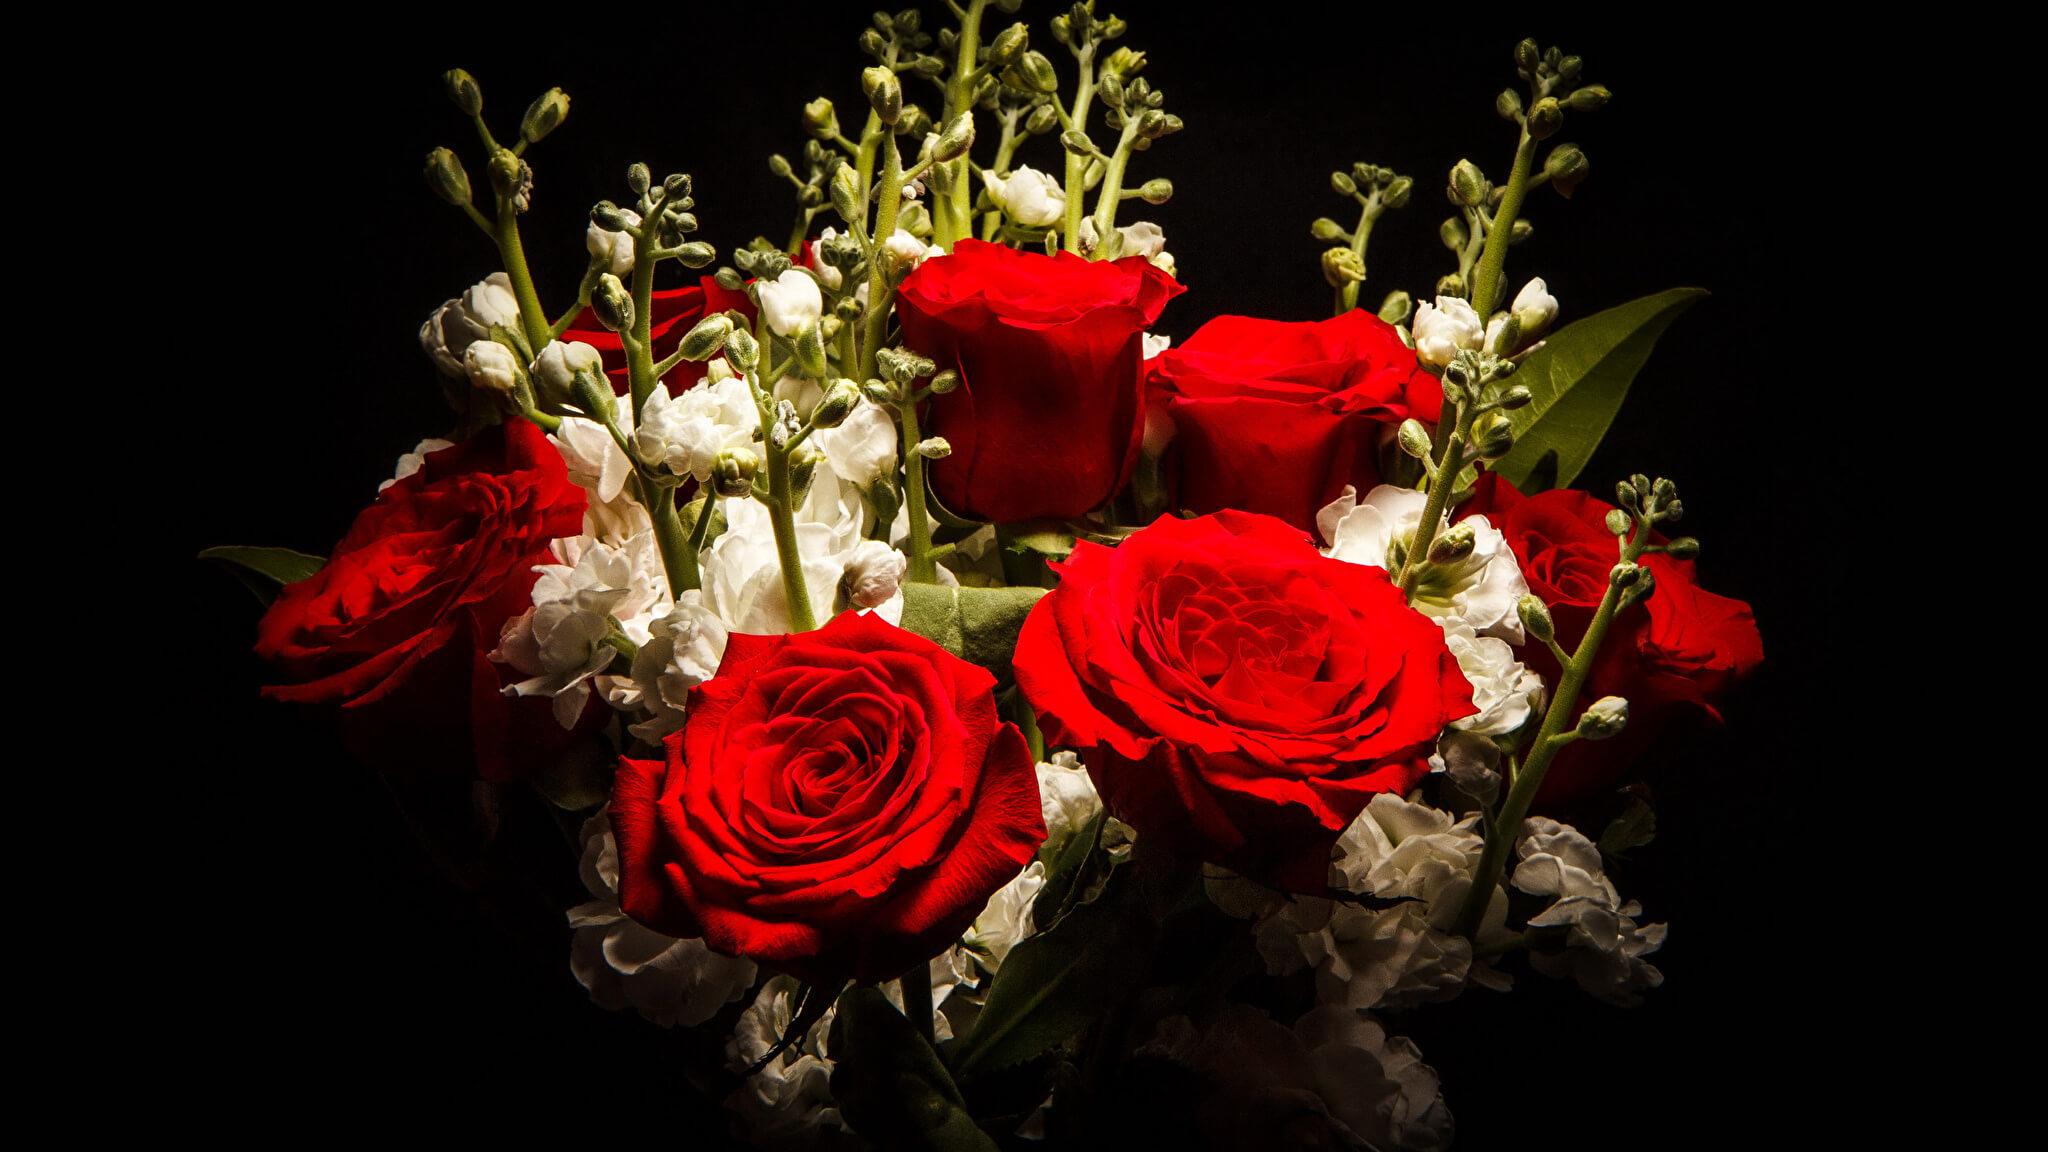 Нужны цветы для похорон, организованных в Харькове?